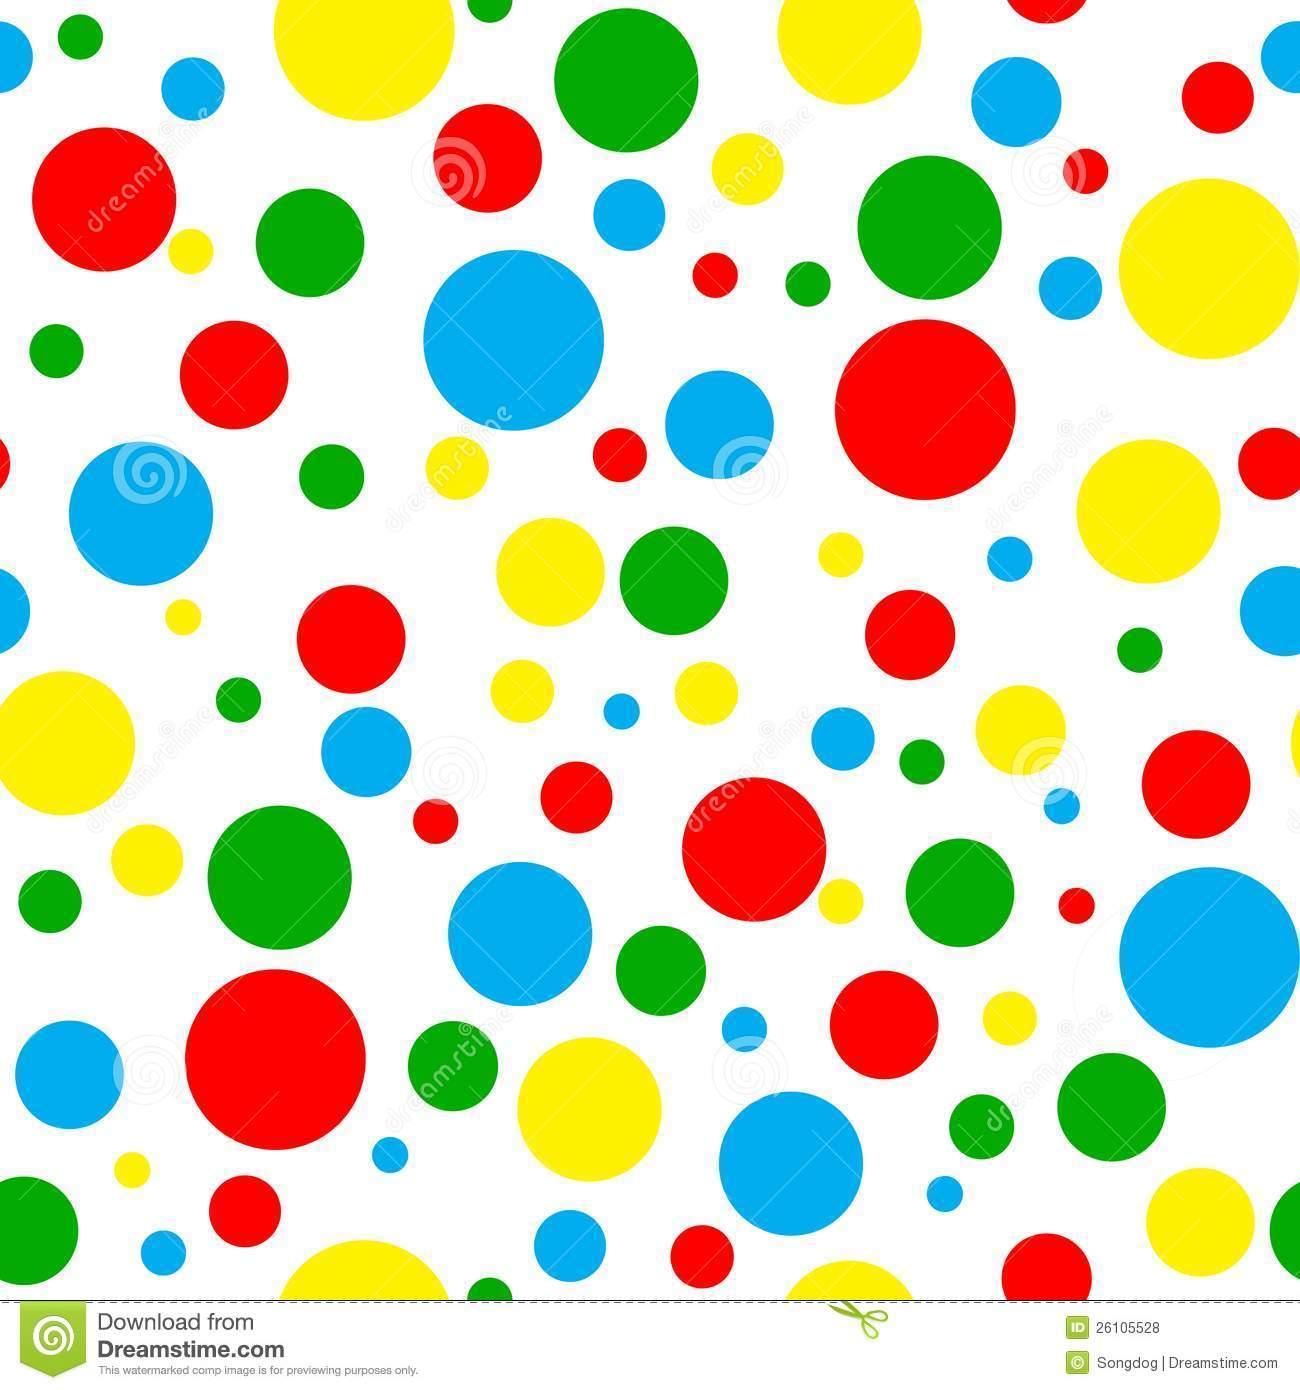 Polka clip art color. Dot clipart bright colored